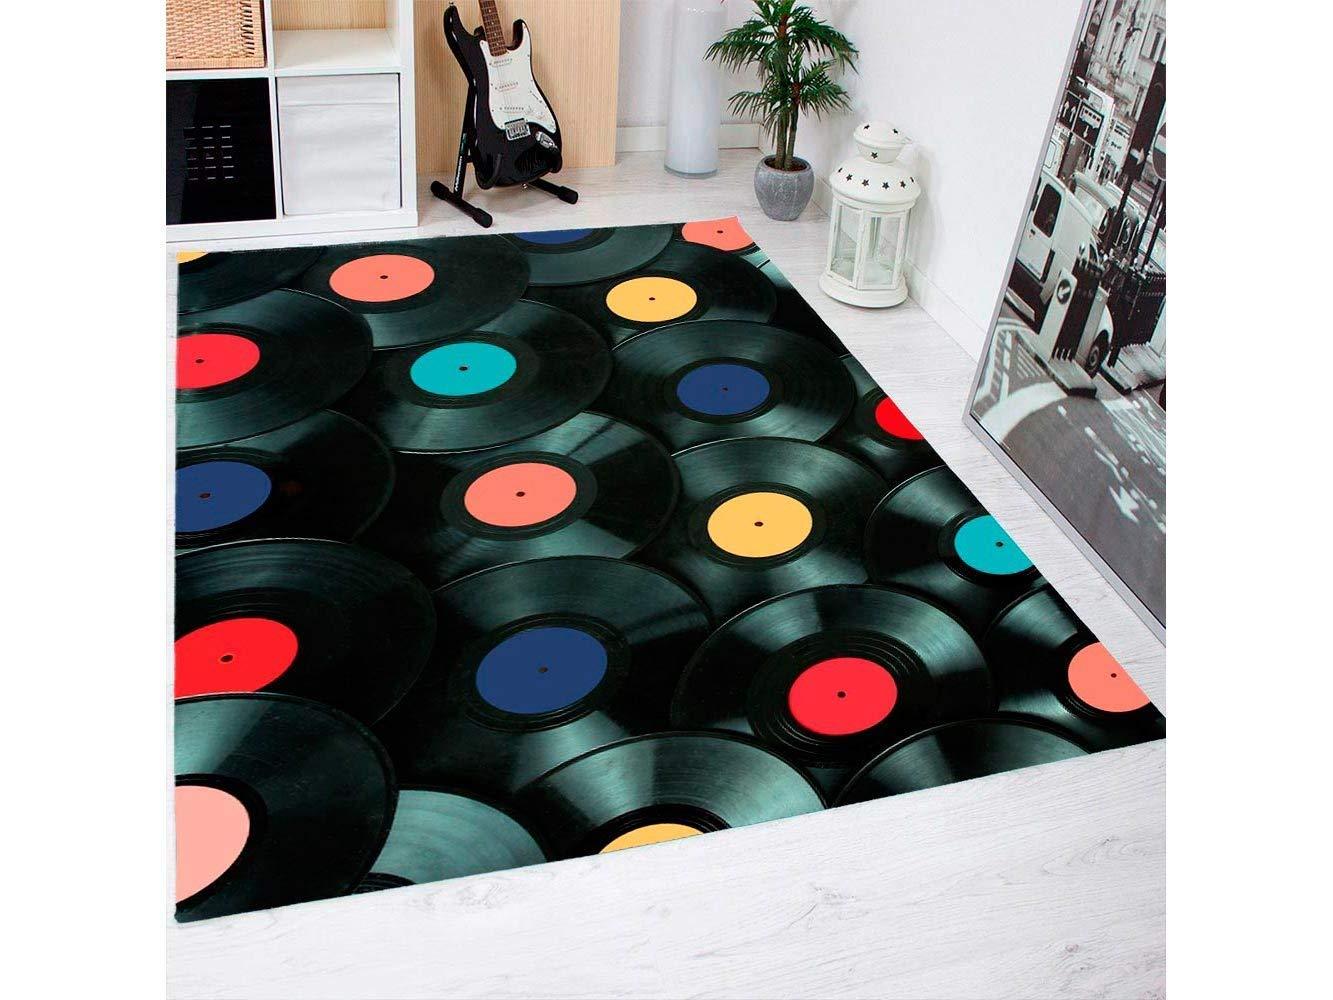 Oedim Teppich Schallplatten Schallplatten Schallplatten PVC 95 cm x 120 cm   PVC Erwachsener Teppich   Vinylboden für Erwachsene B07CQQC8ZC Teppiche & Lufer 40f30c